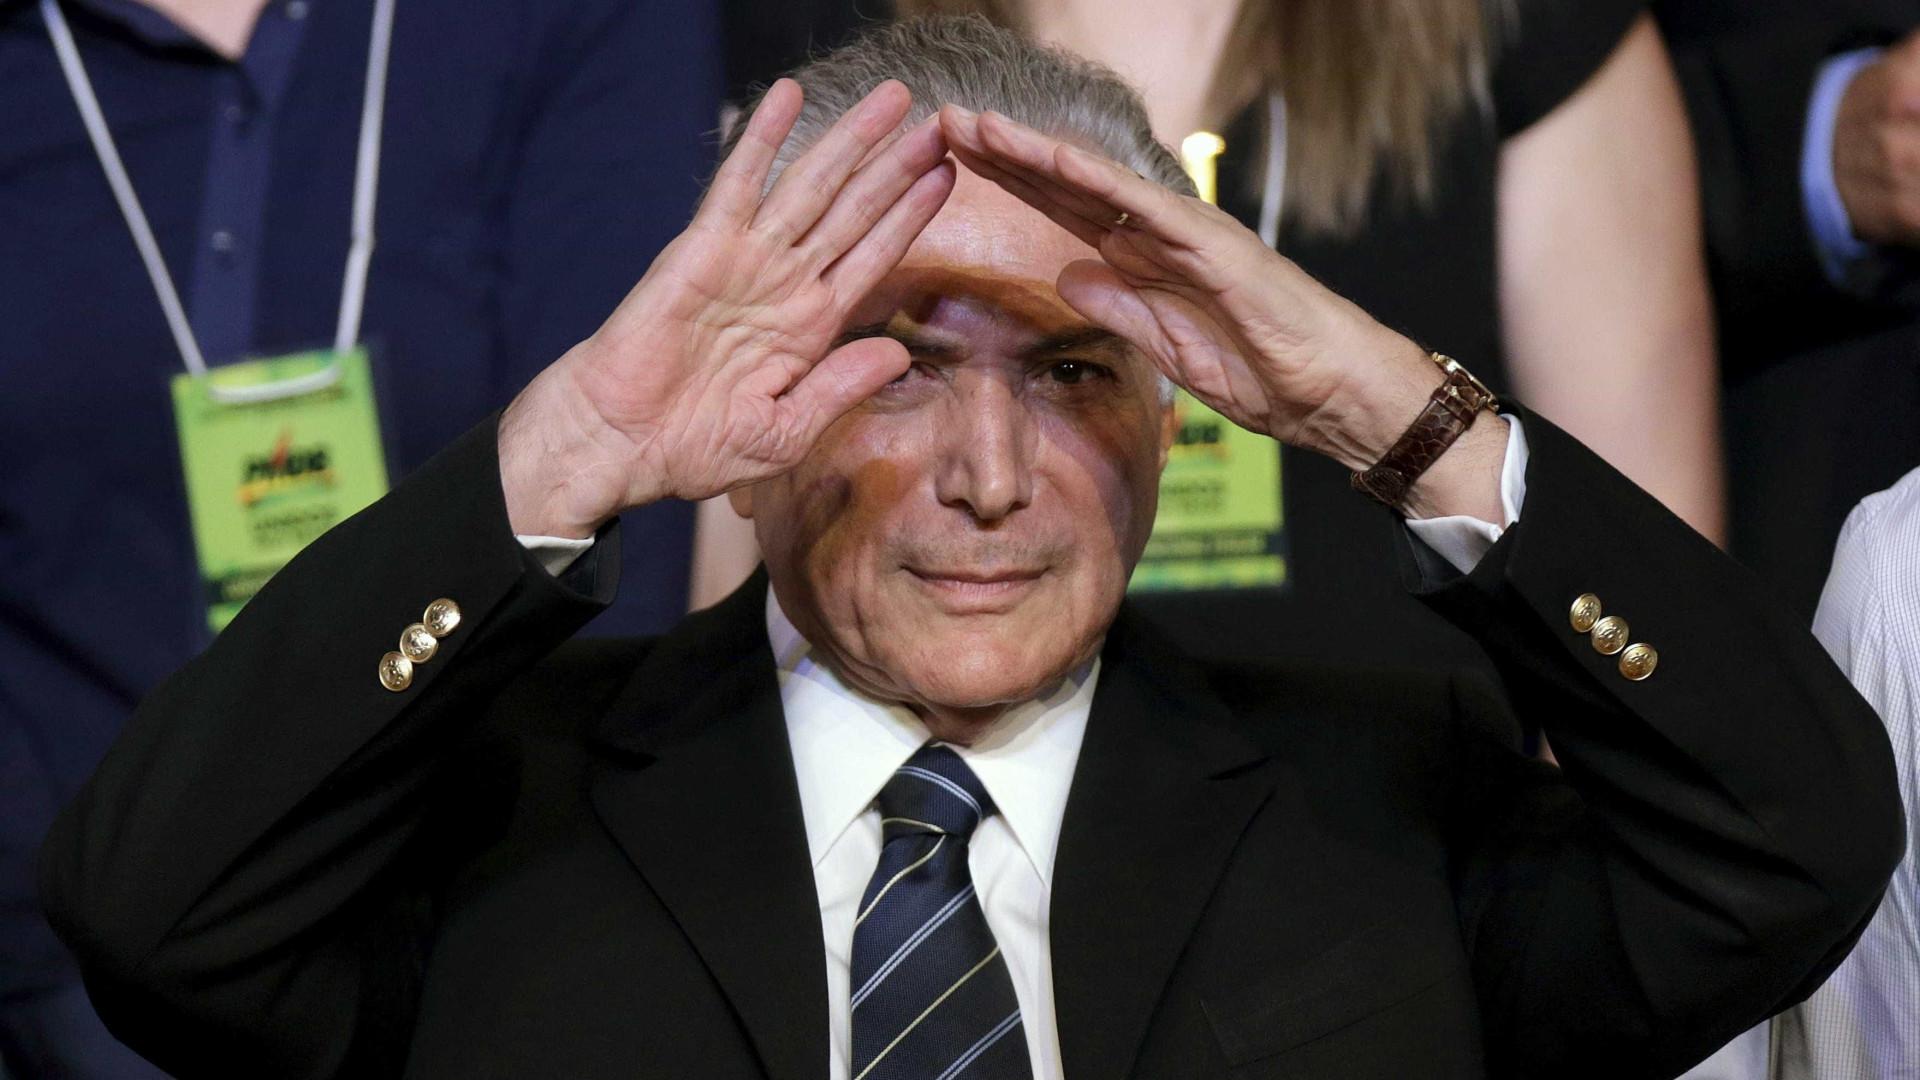 Bretas bloqueia carros de luxo de Temer e Moreira Franco